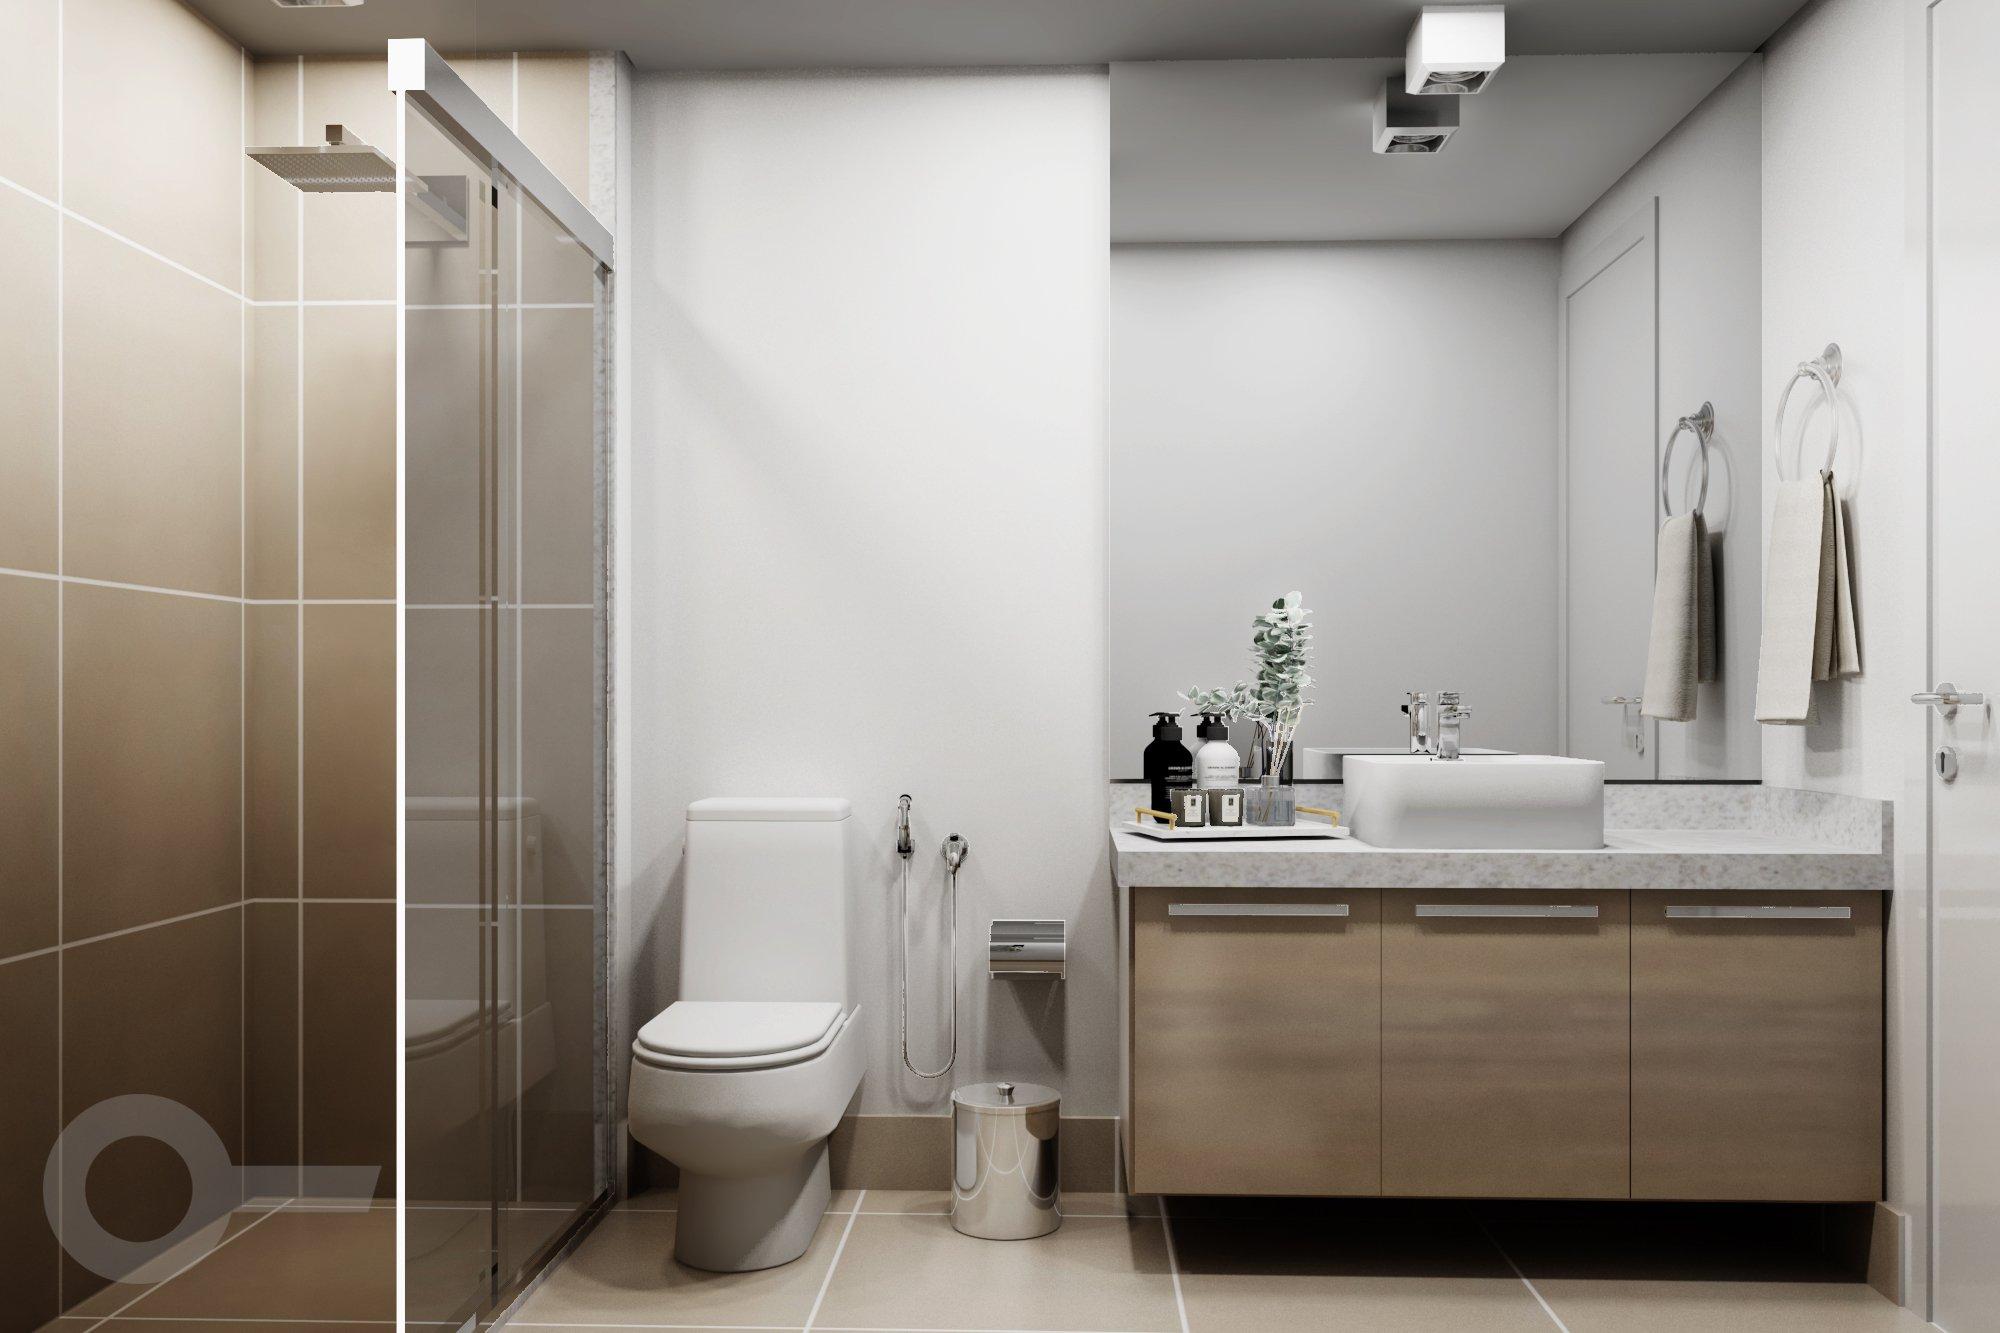 Foto de Banheiro com vaso de planta, vaso sanitário, vaso, garrafa, pia